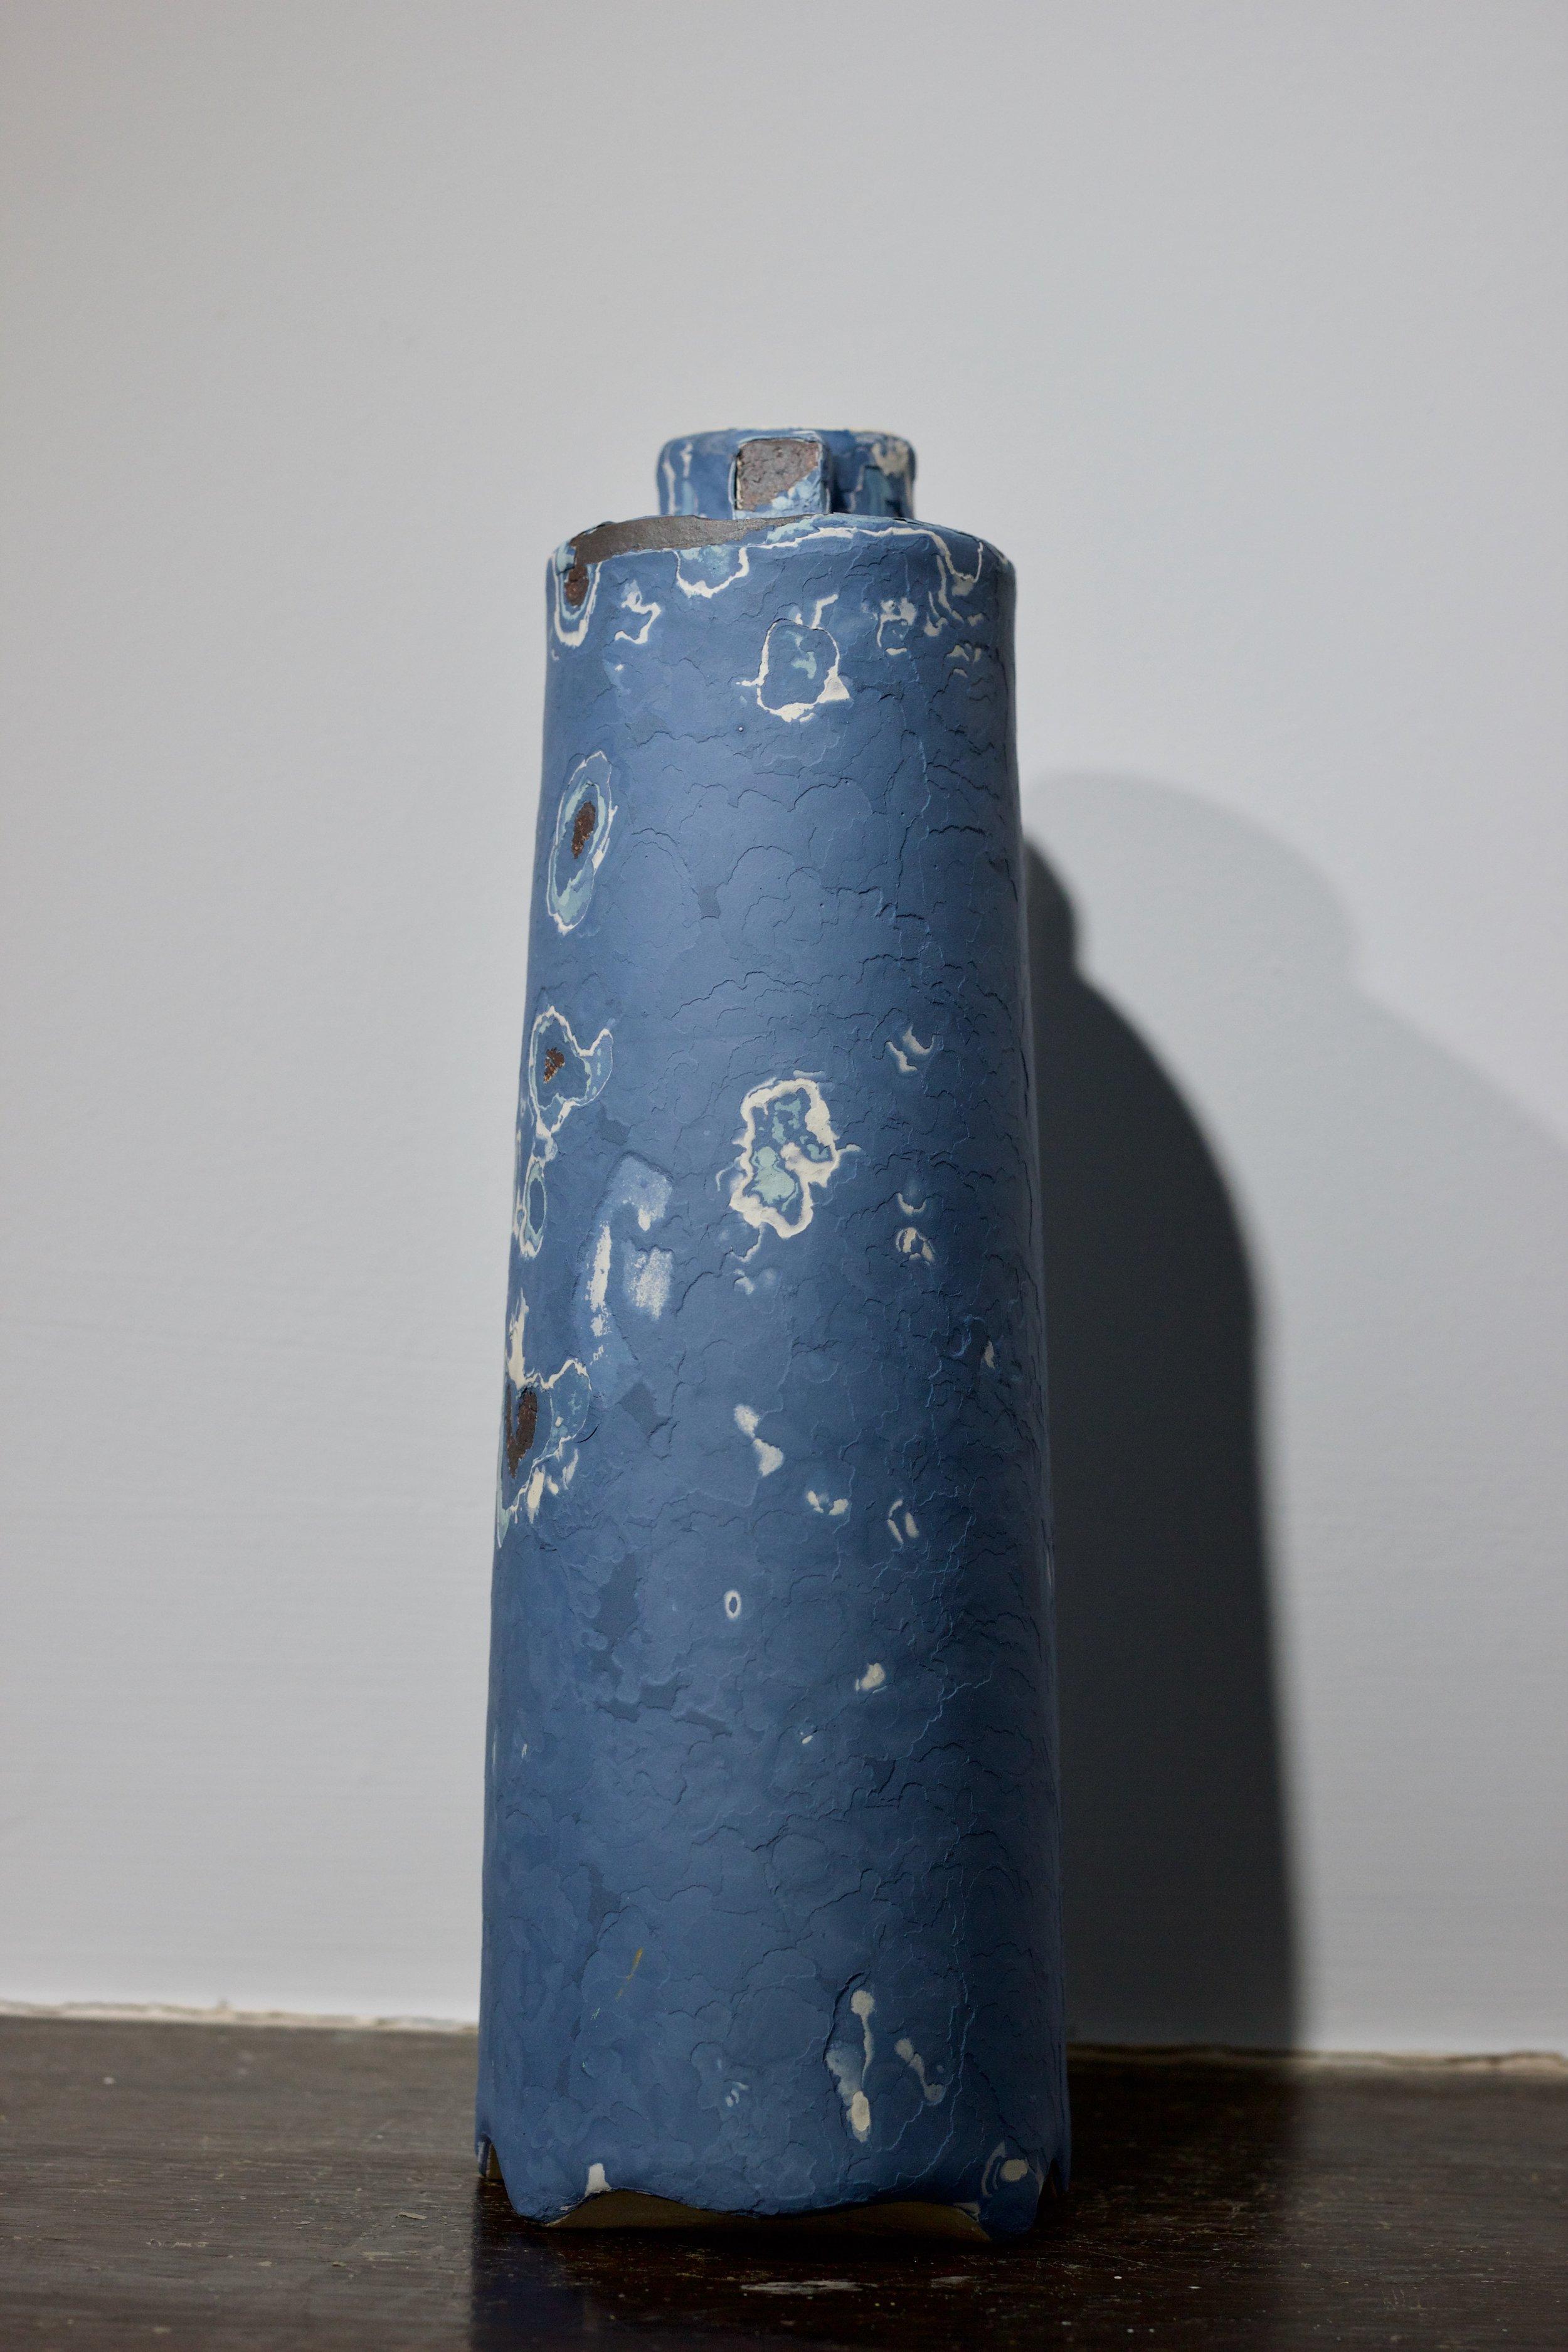 James Faulkner - Big Blue Bottle Vase